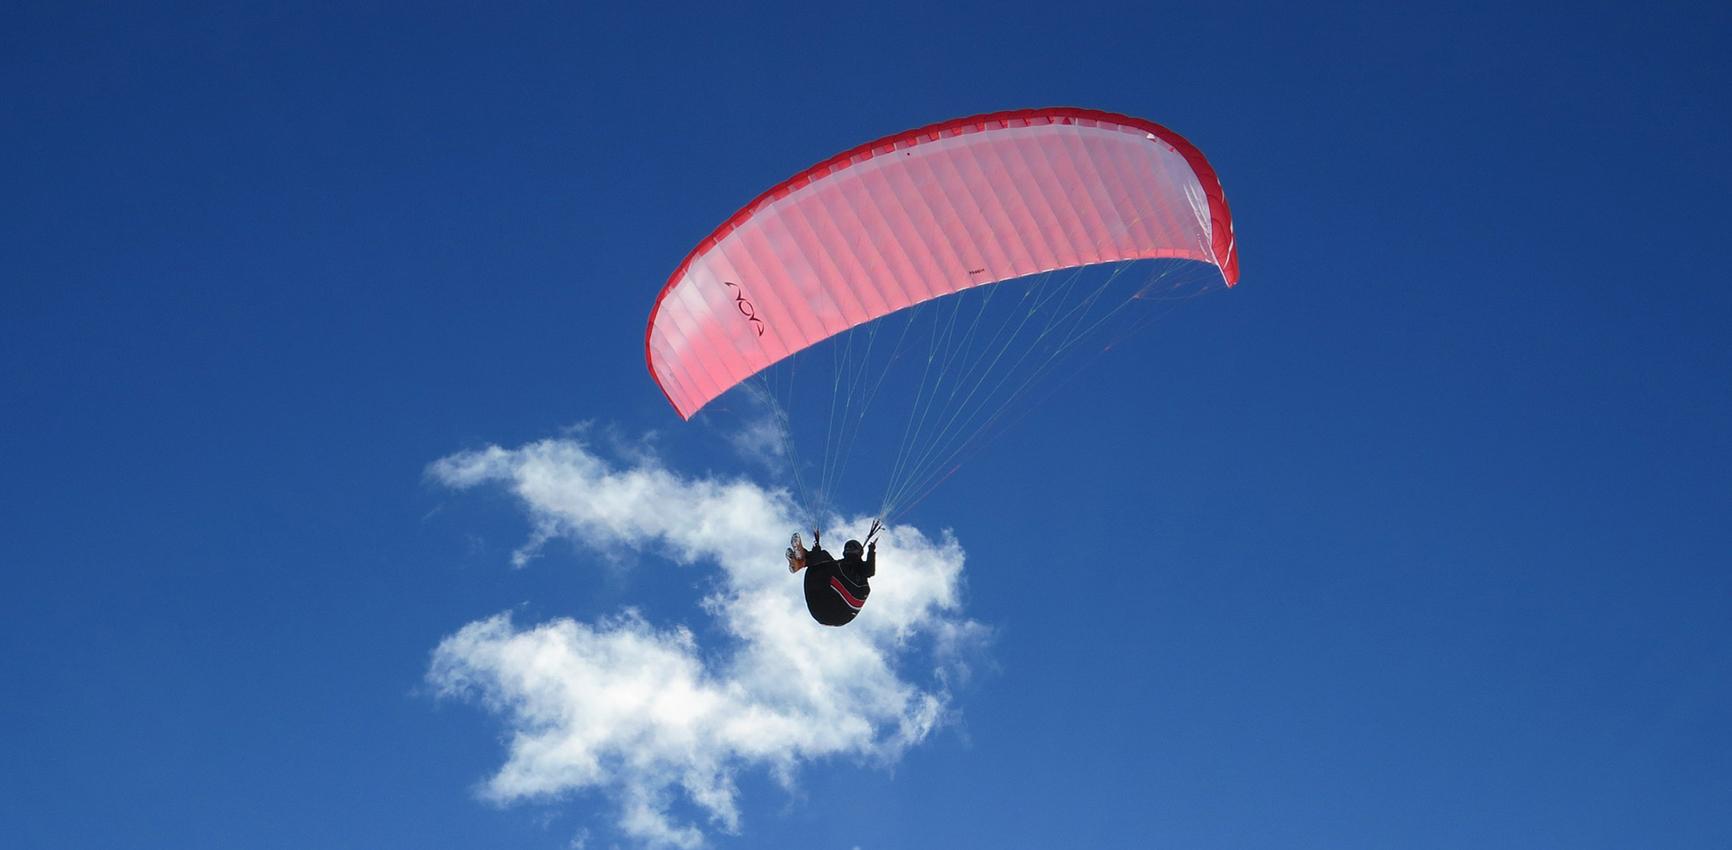 Asociación-de-Vuelo-Libre-Española-Imagen-de-Inicio-Slider-Parapente-cielo-nube